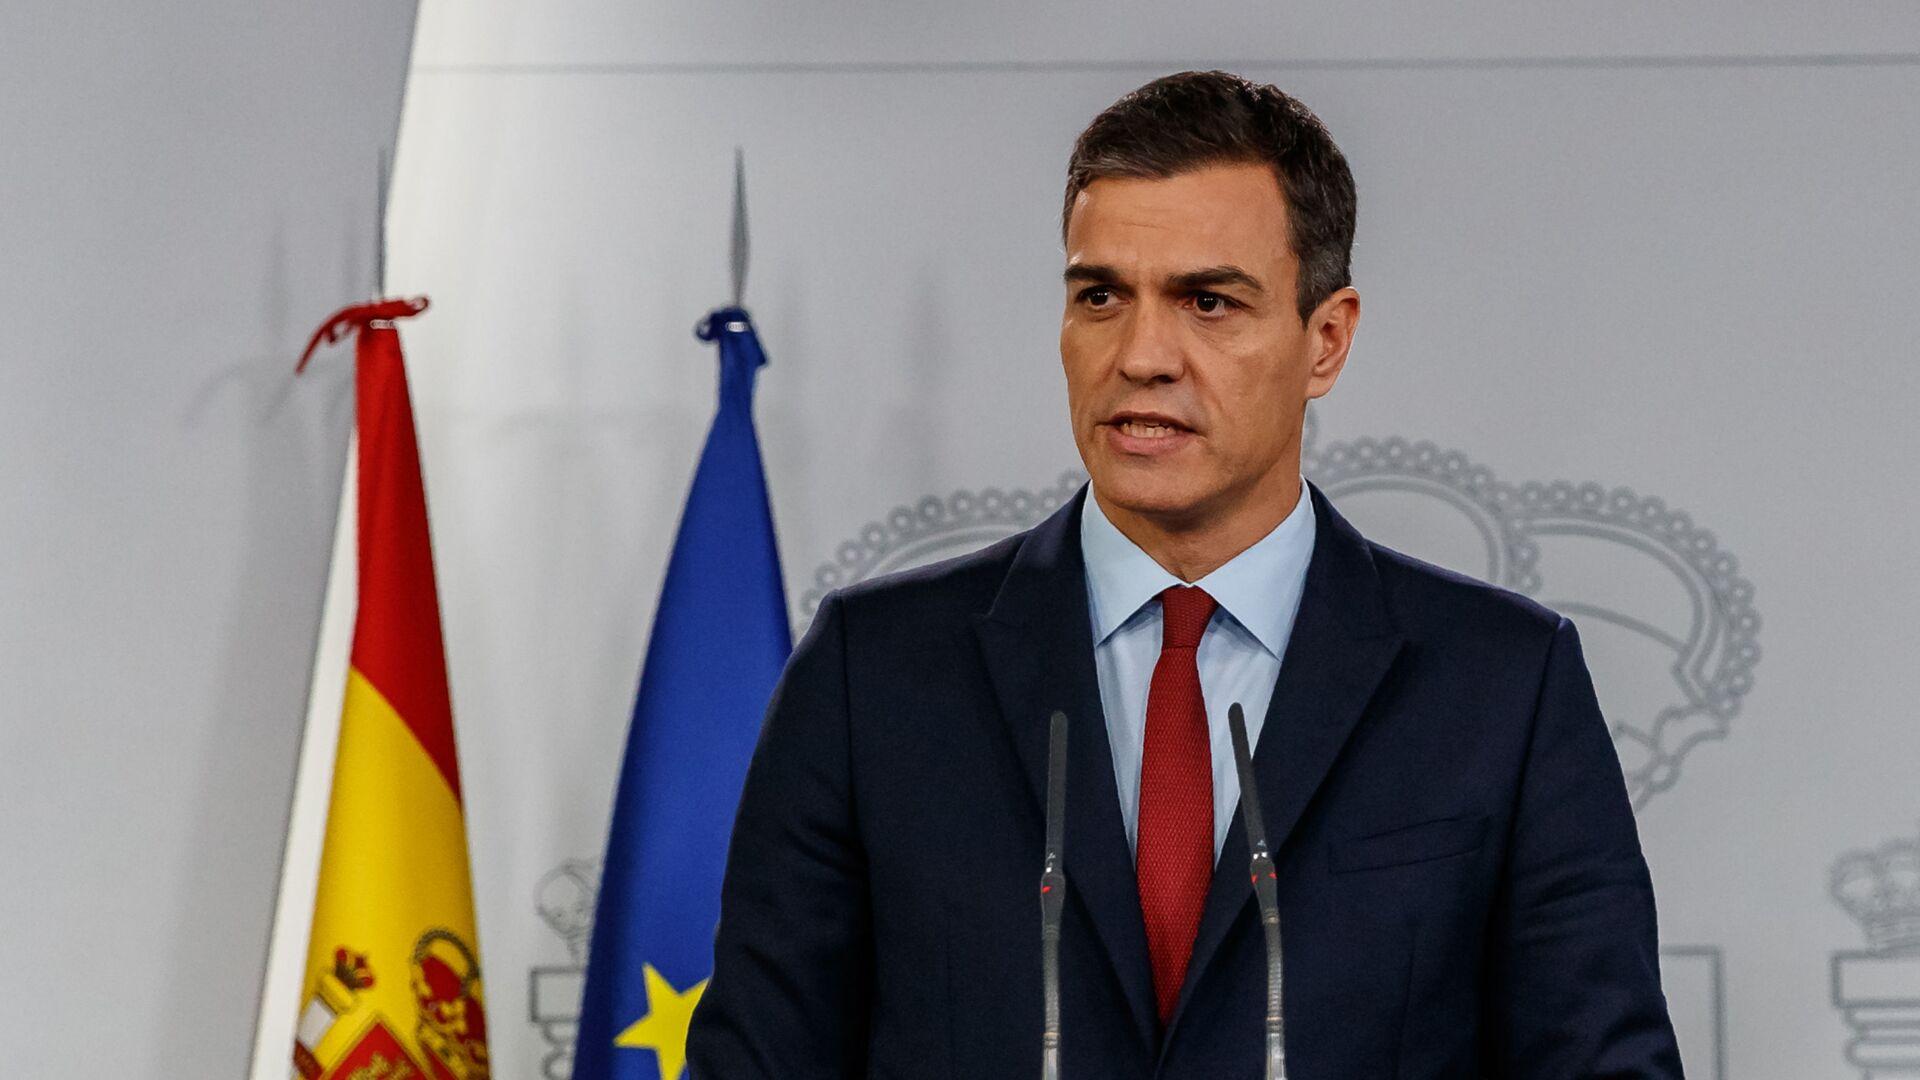 Premier ad interim spagnolo Pedro Sanchez - Sputnik Italia, 1920, 08.07.2021